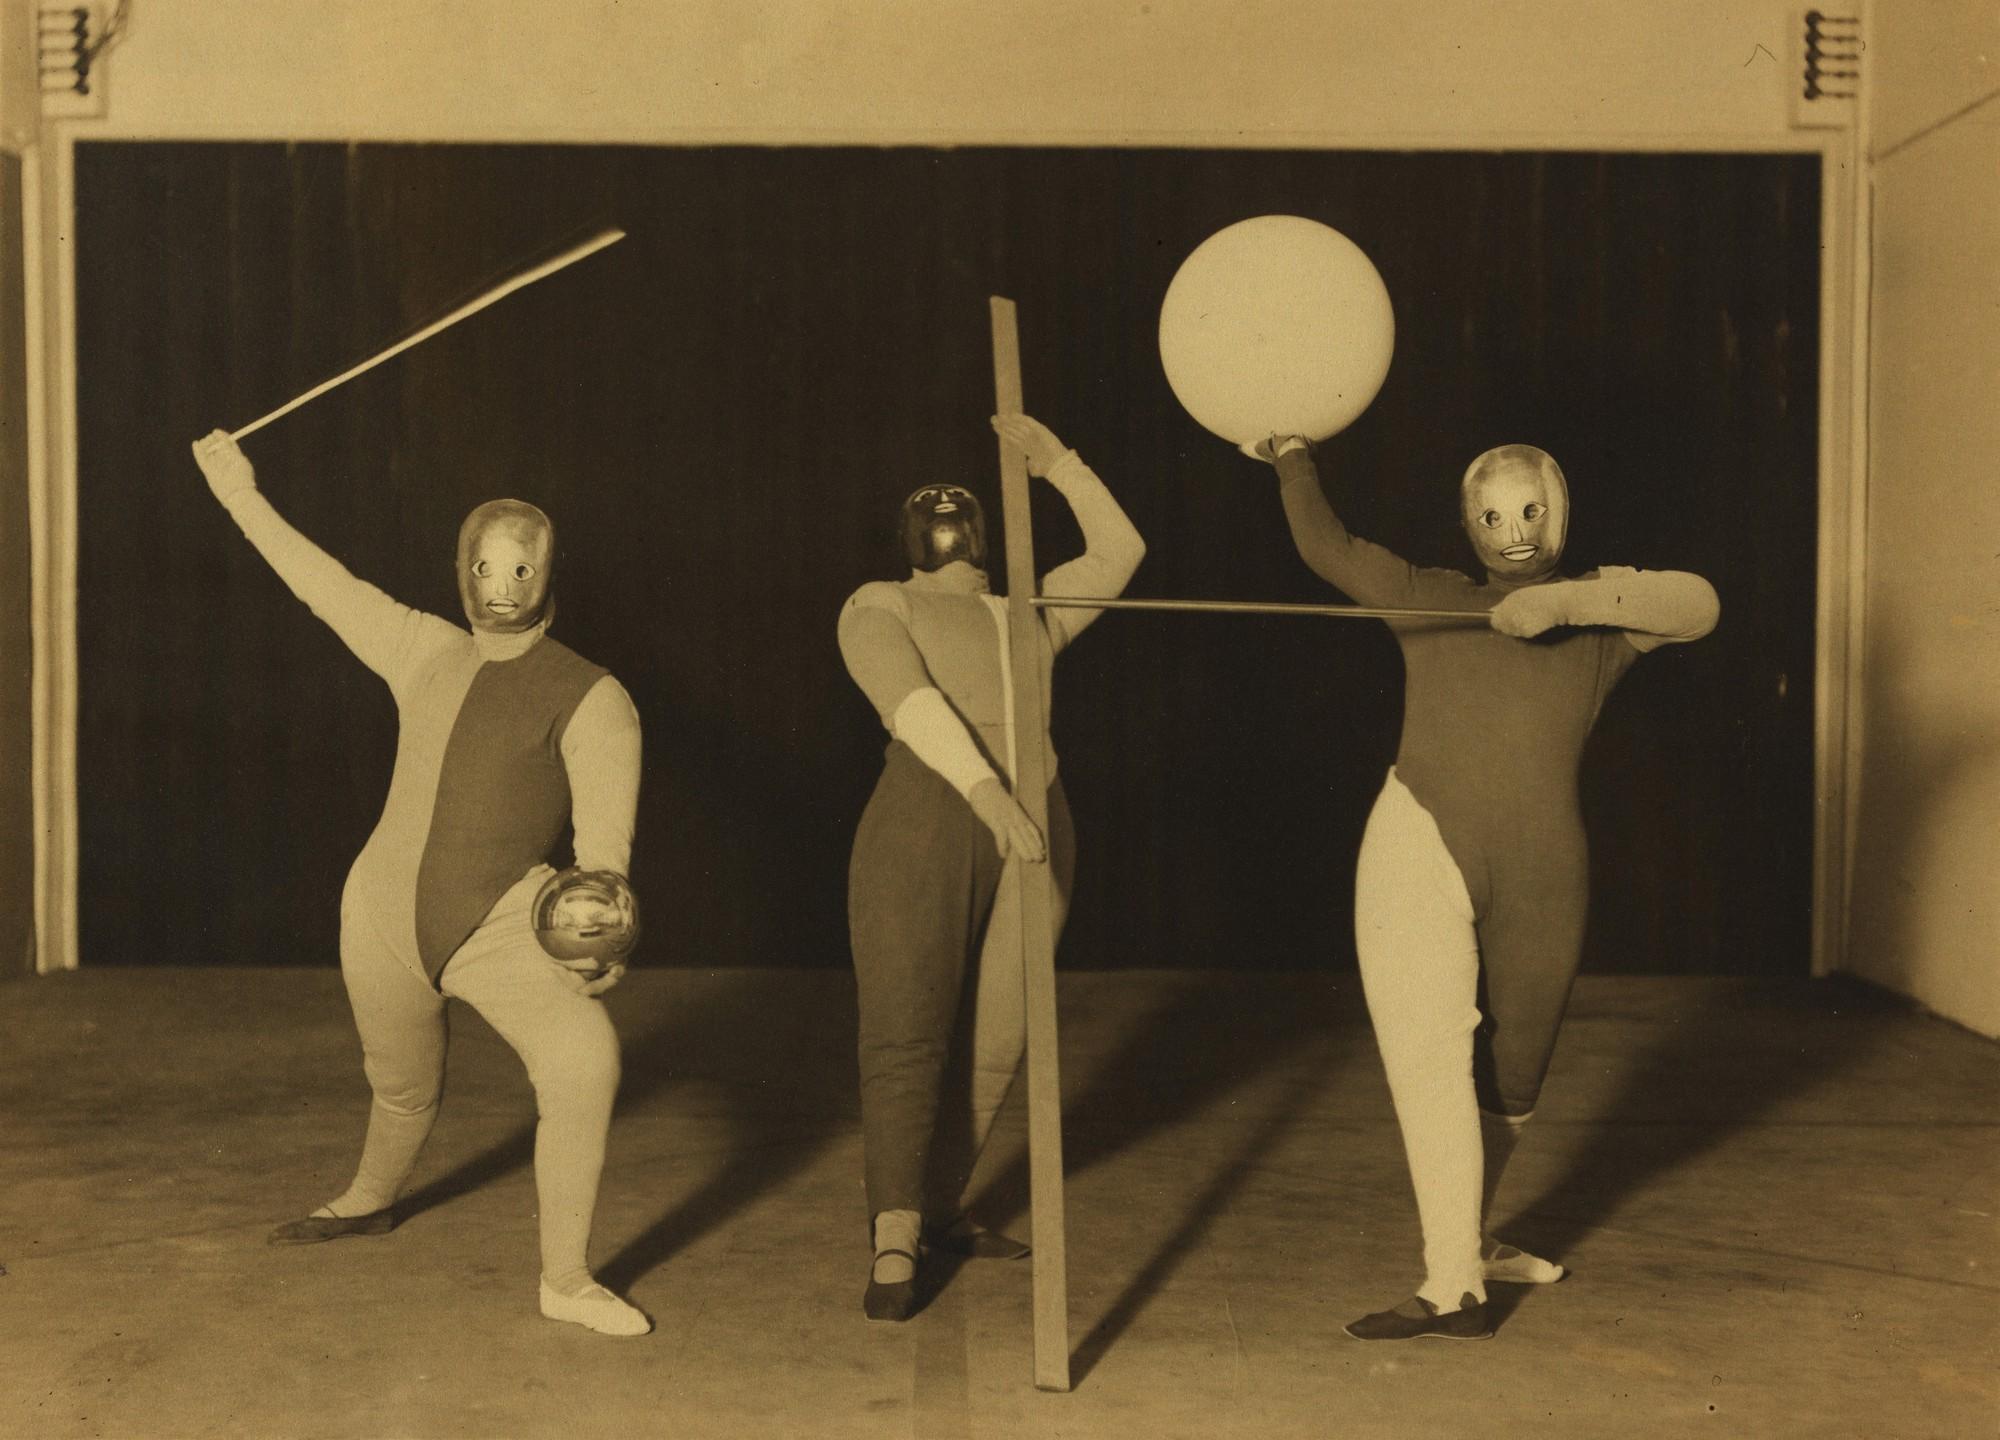 """""""Scena Bauhausu: Taniec form"""" (tancerze: Oskar Schlemmer, Werner Siedhoff, Walter Kaminsky), 1927, fot. Erich Consemüller © dr. Stephan Consemüller, wł. Bauhaus-Archiv Berlin (źródło: materiały prasowe organizatora)"""